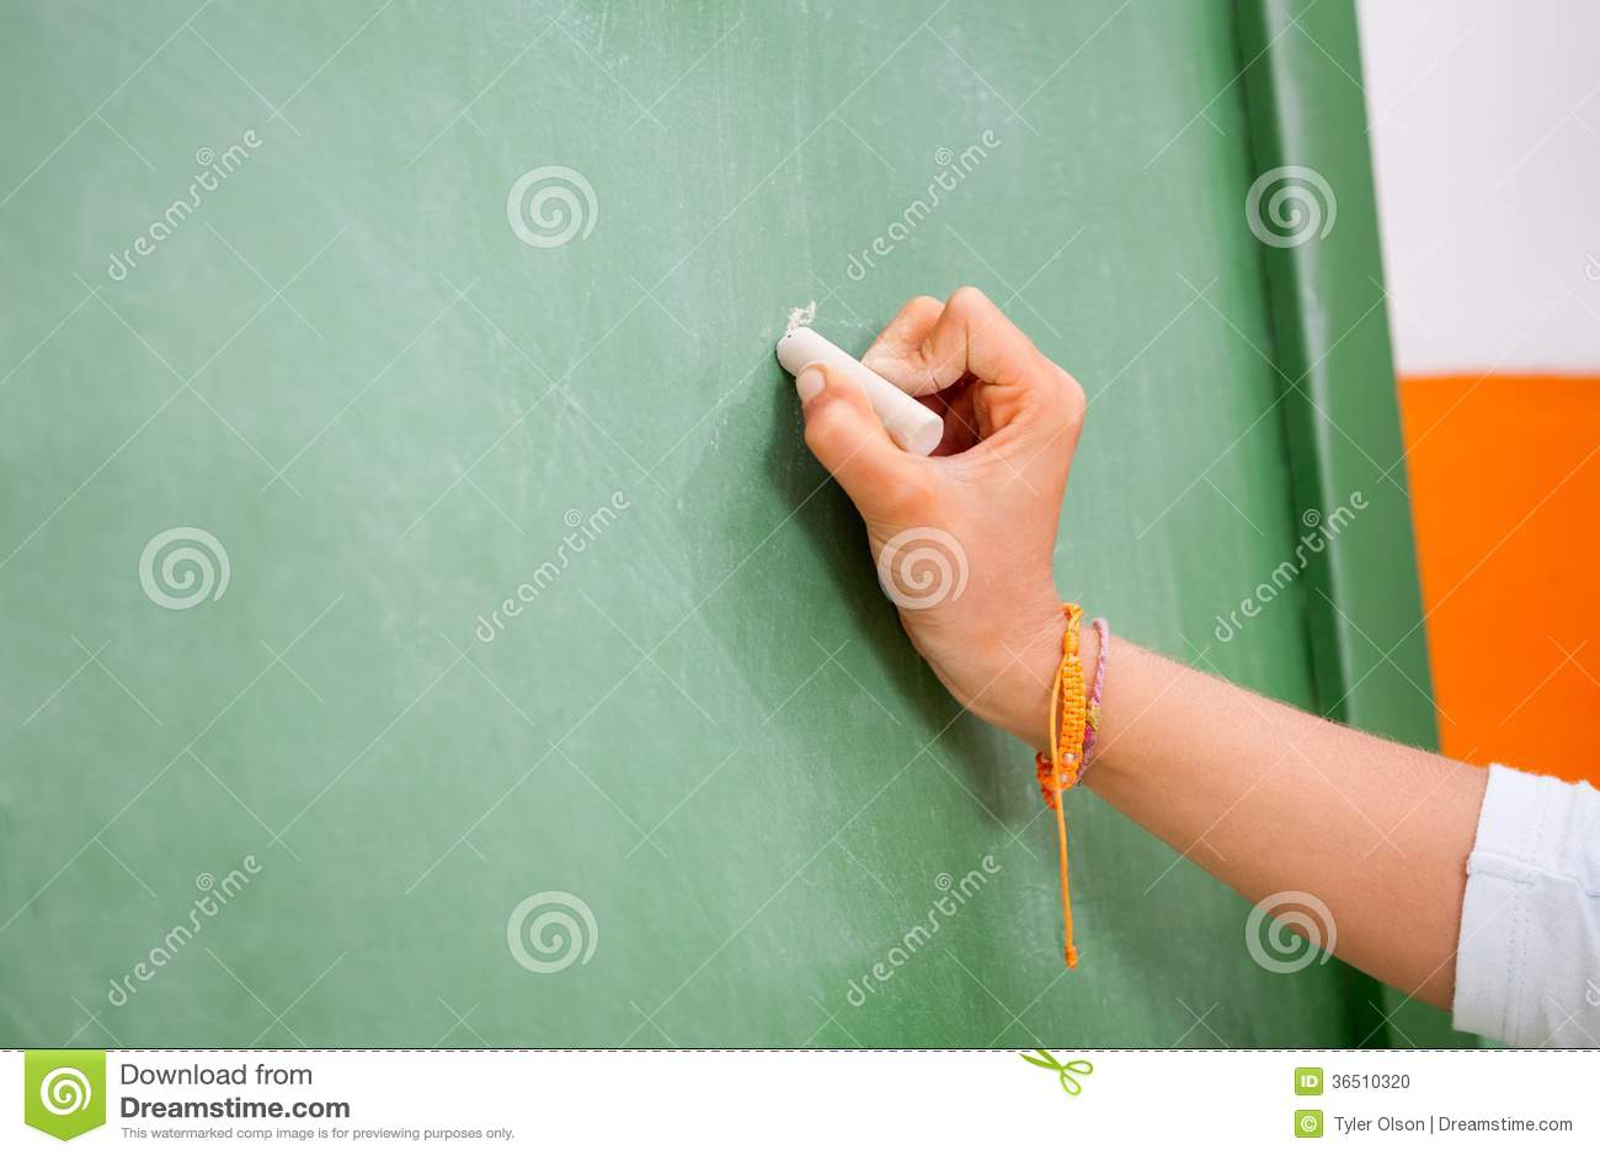 Écriture de la main de la fille sur le tableau vert dedans